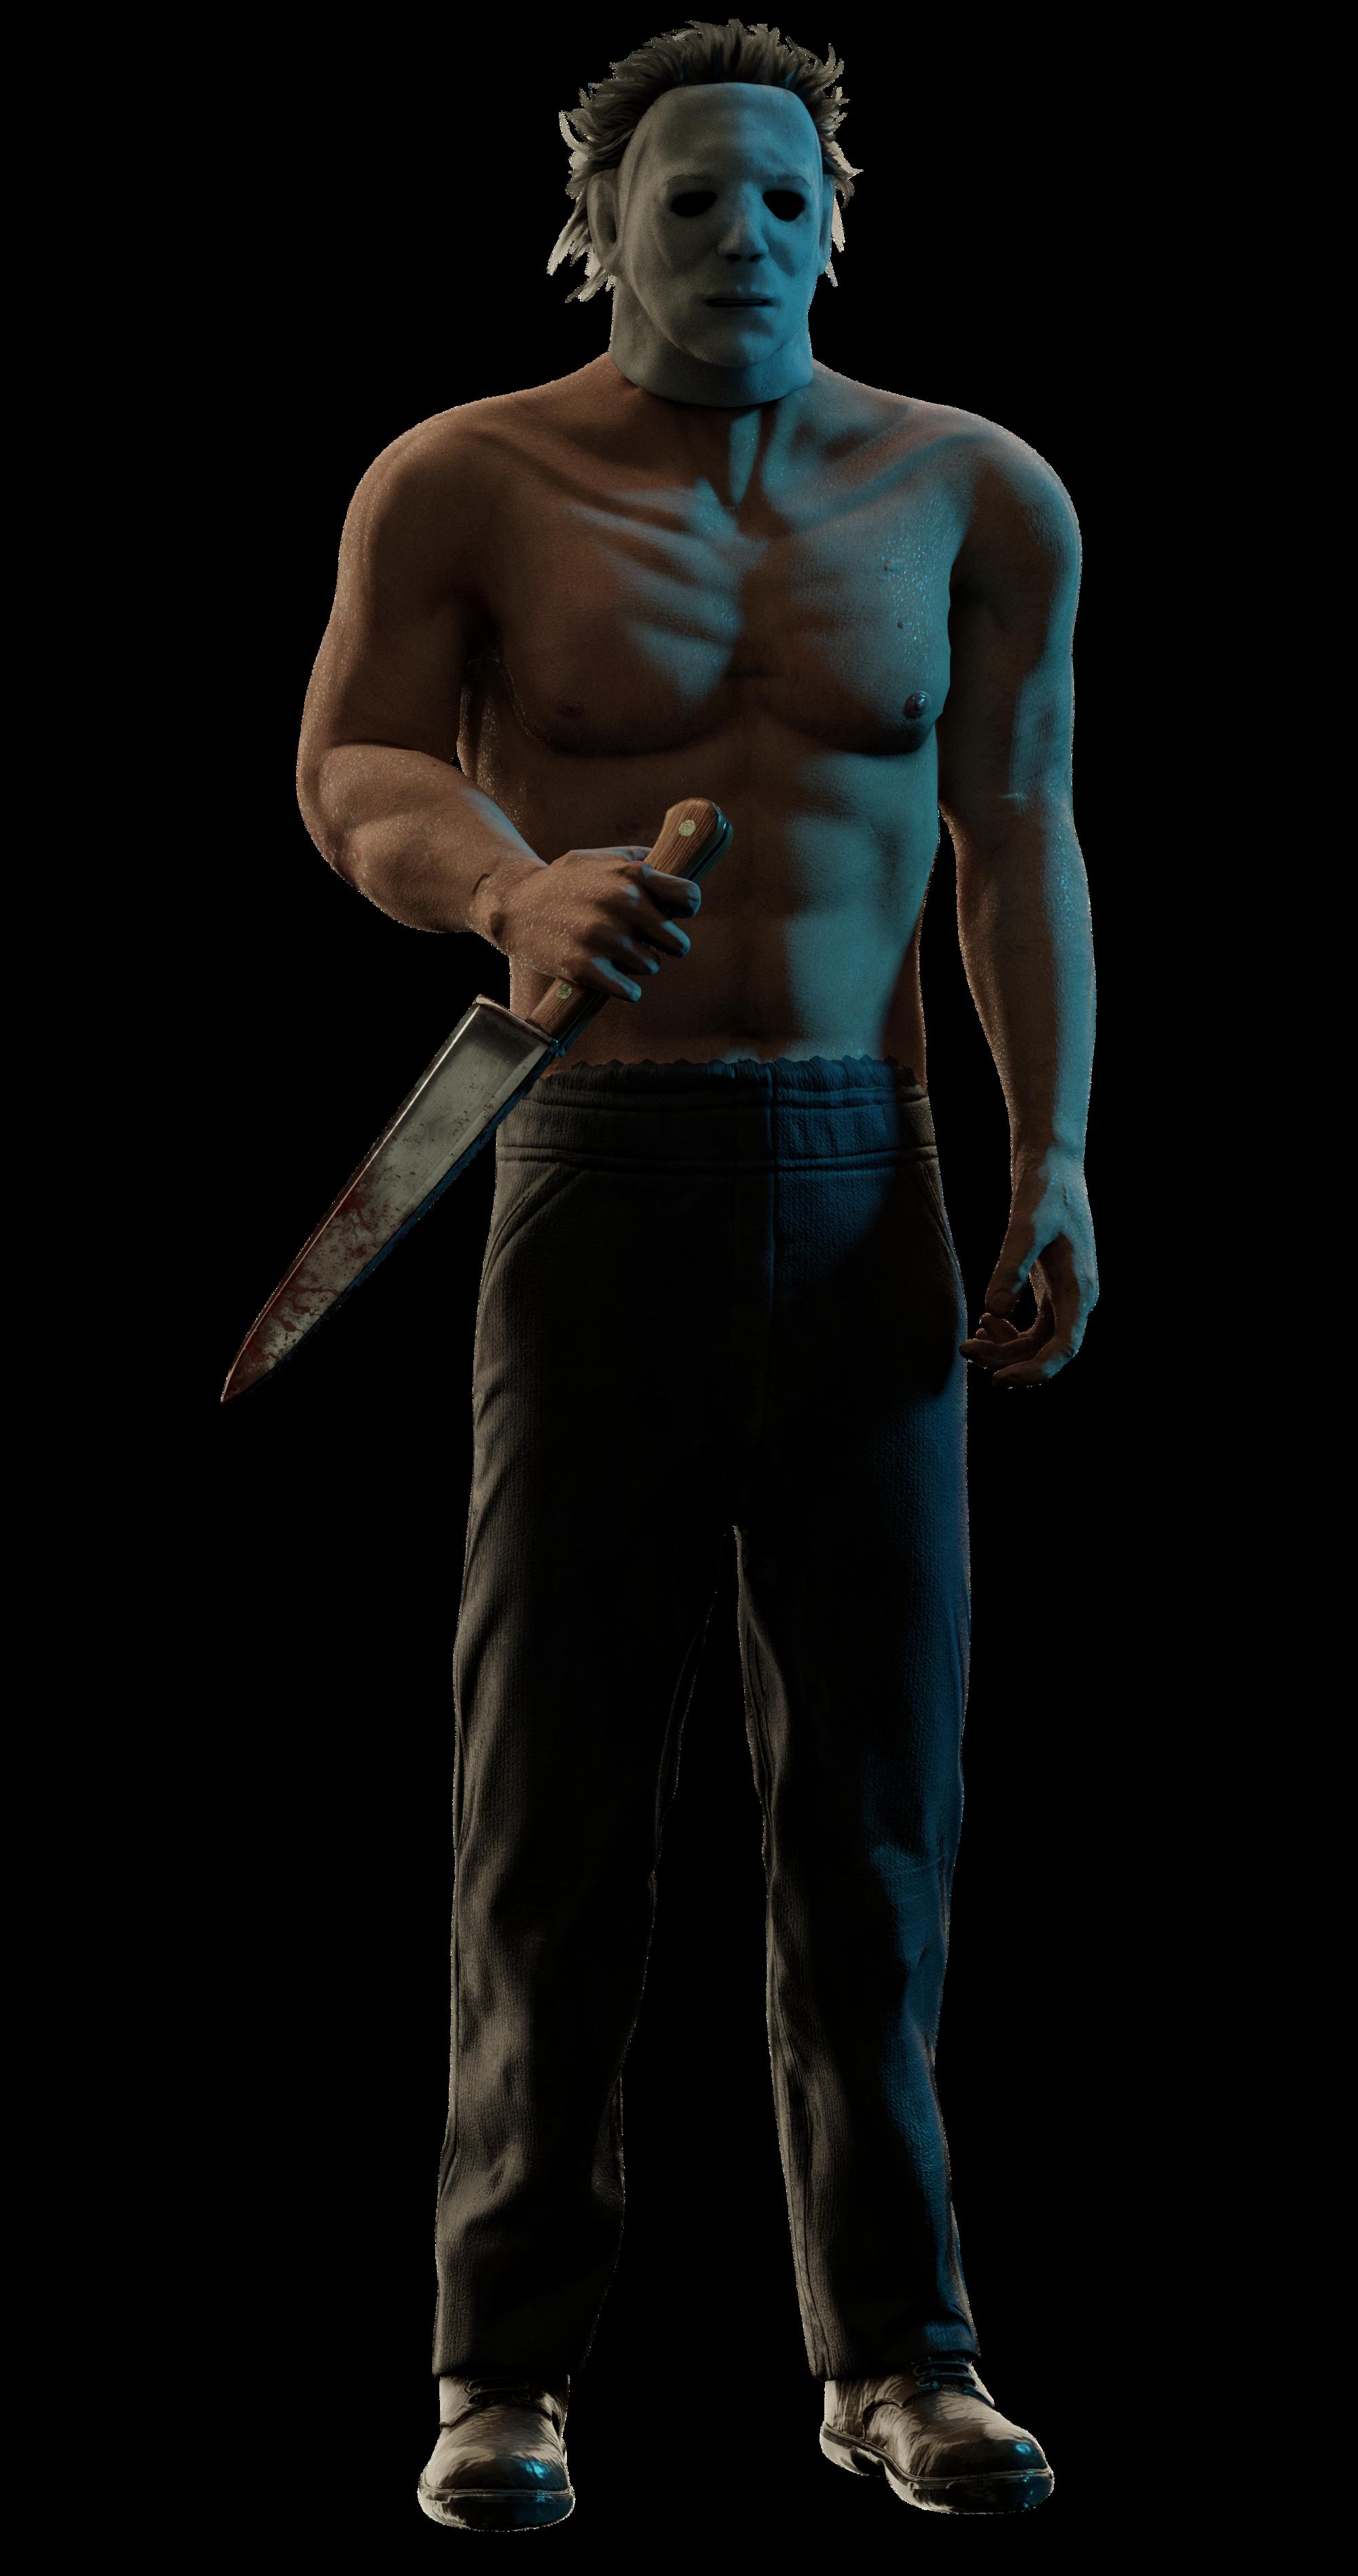 Shirtless Michael Myers | Joke Battles Wikia | Fandom